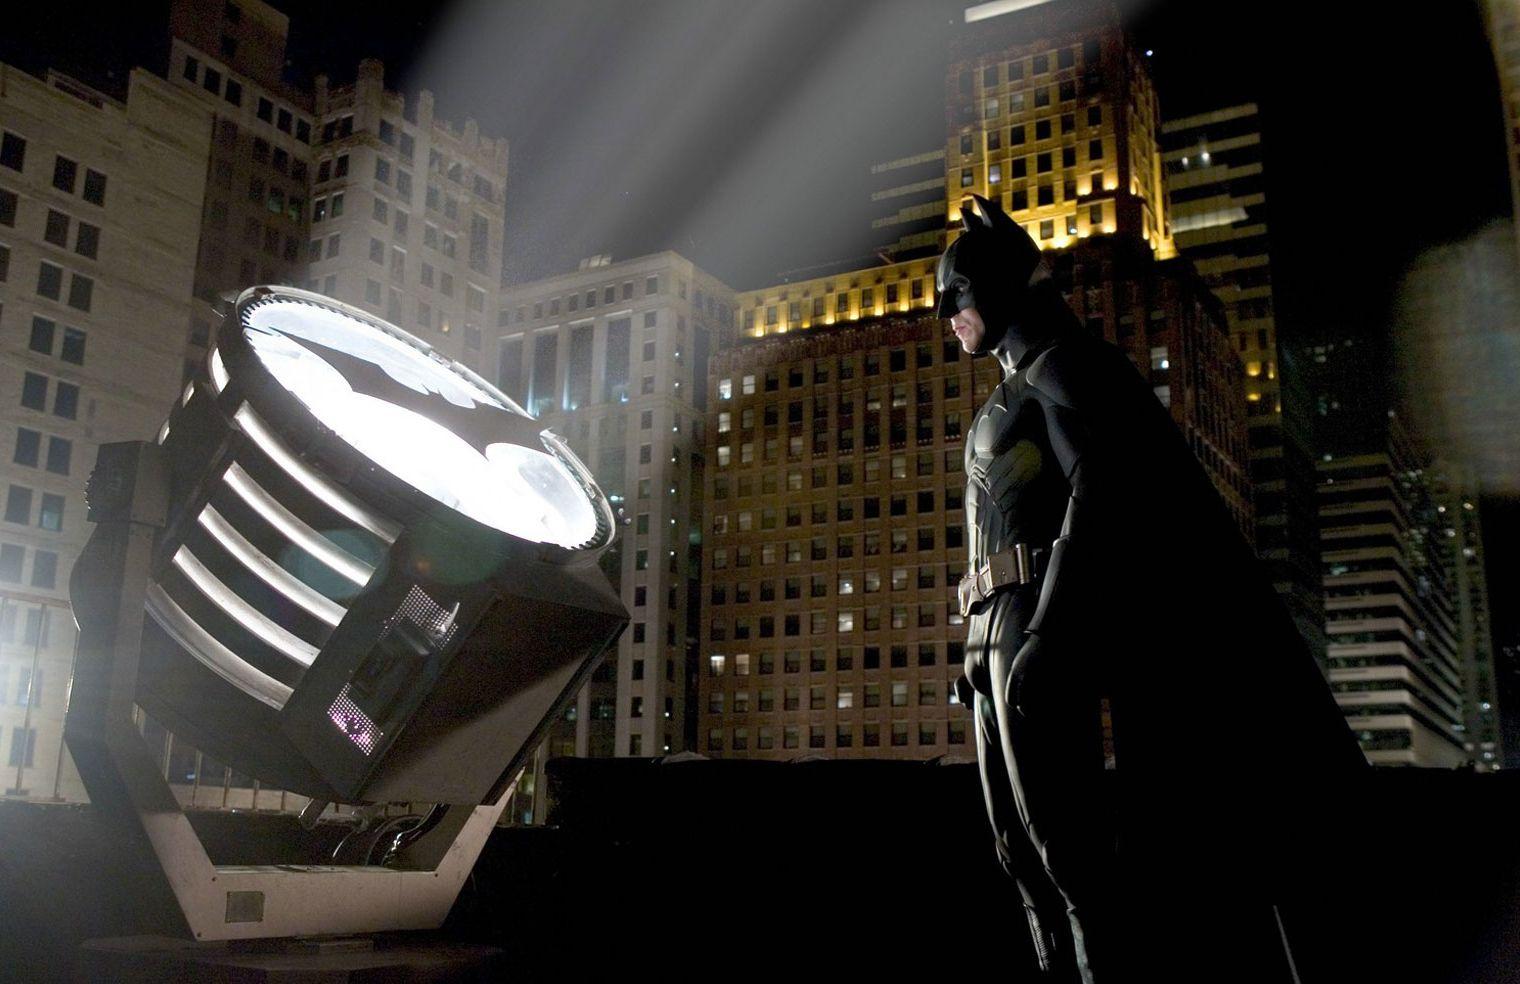 Batman Batlight